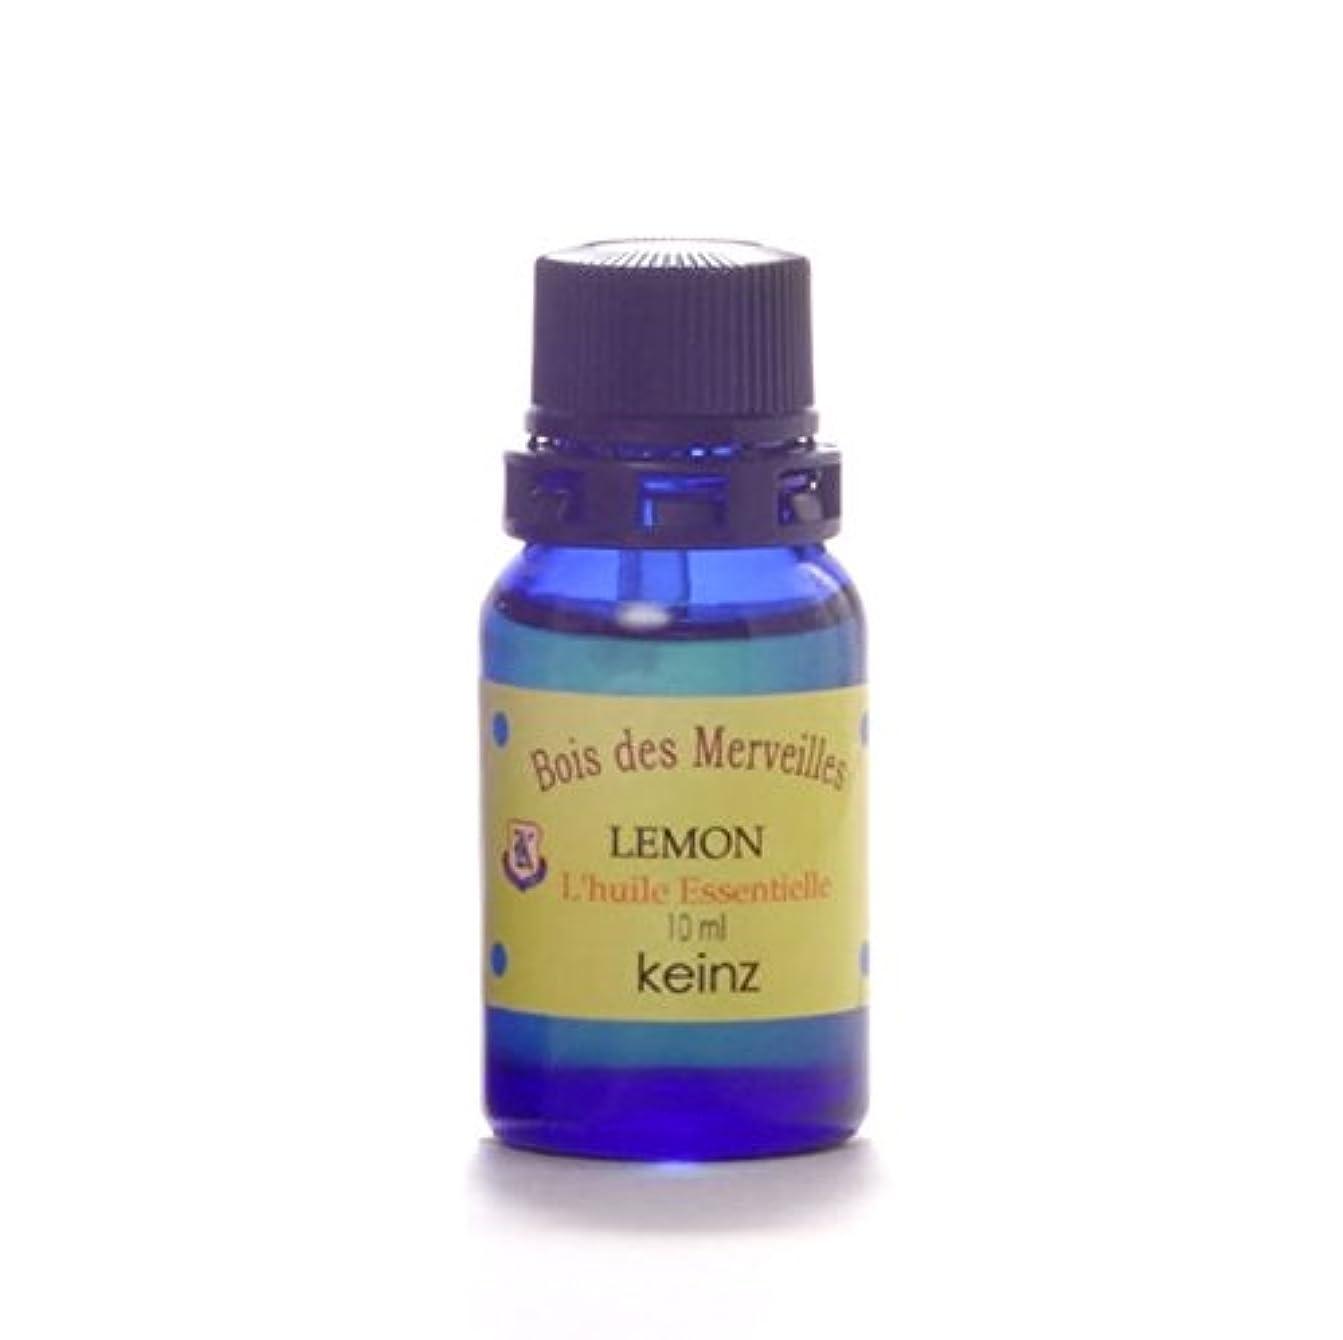 普通の柔和博物館keinzエッセンシャルオイル「レモン10ml」ケインズ正規品 製造国アメリカ 冷圧搾法 完全無添加精油 人工香料は使っていません。【送料無料】